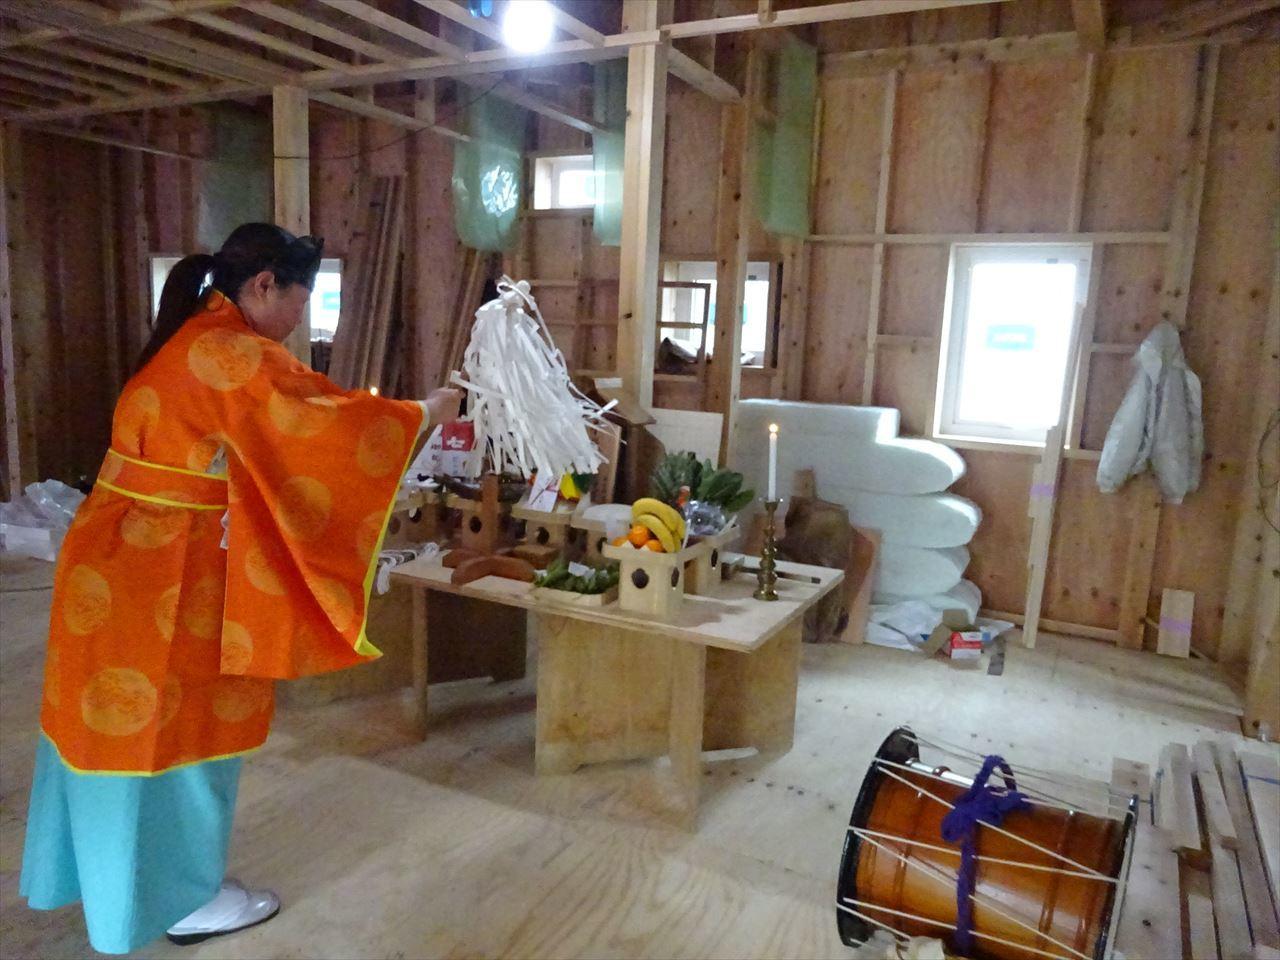 田沢湖の家 上棟式を執り行いました!_f0105112_16200877.jpg